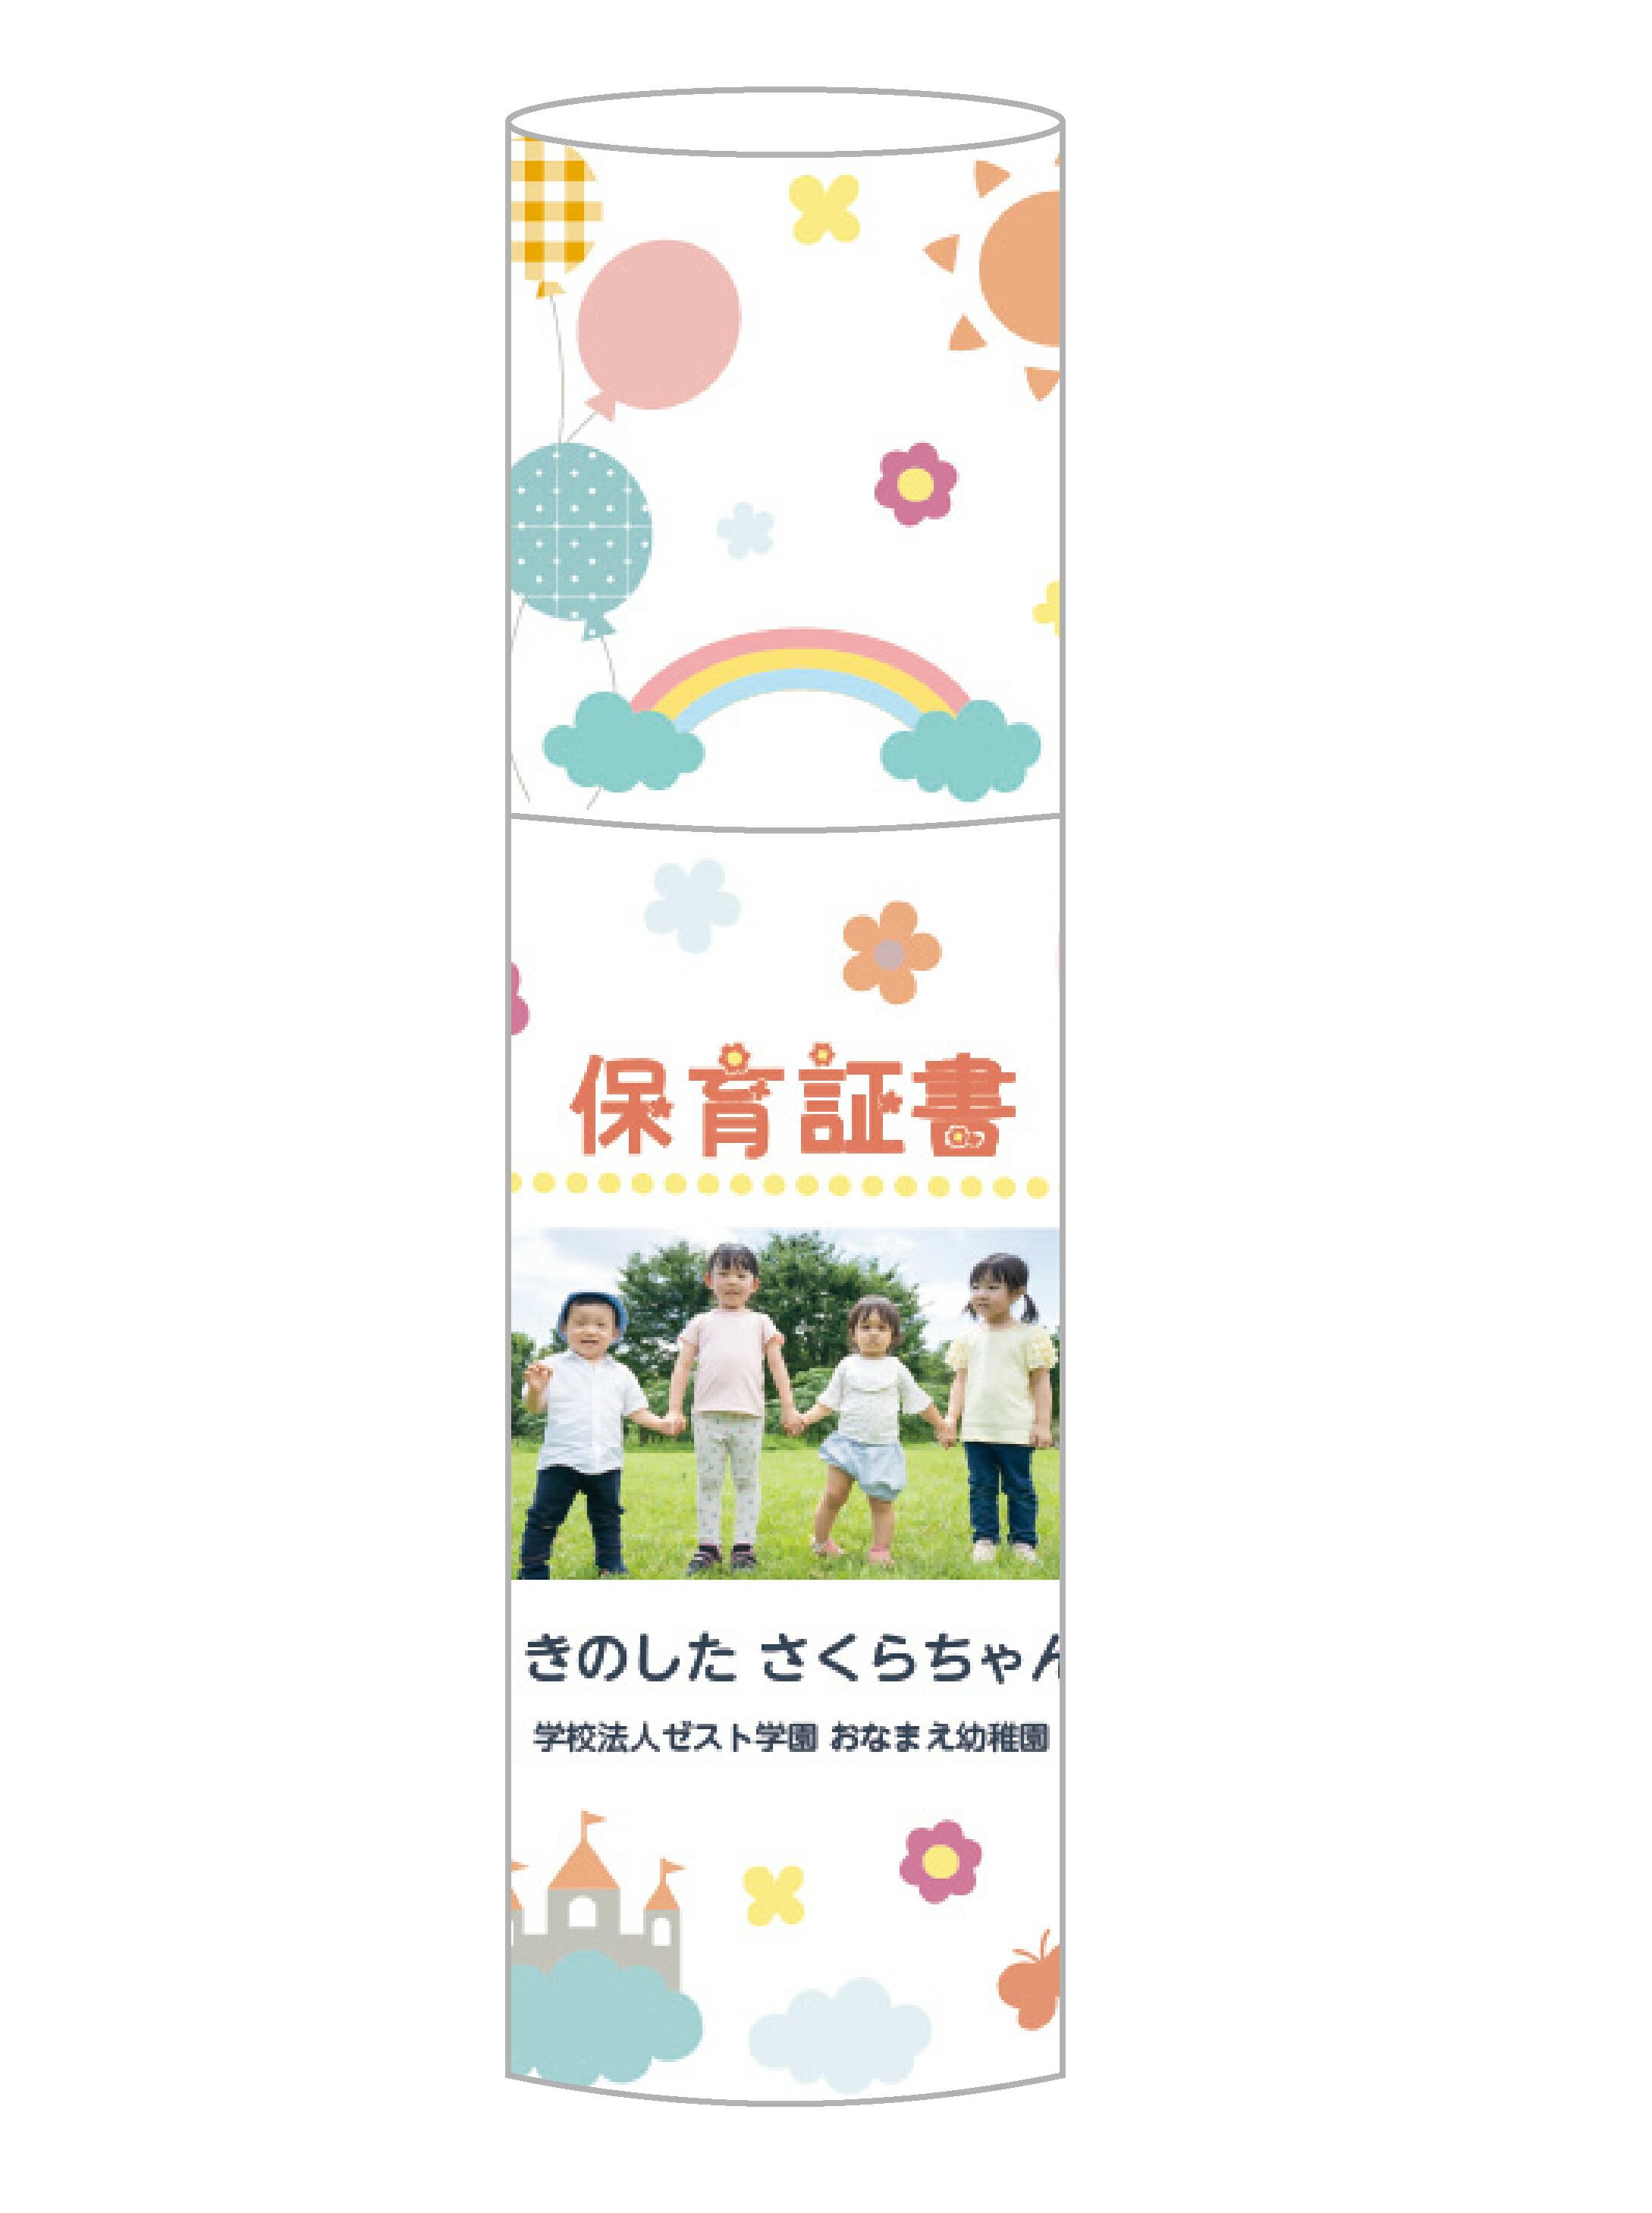 02集合写真_保育証書